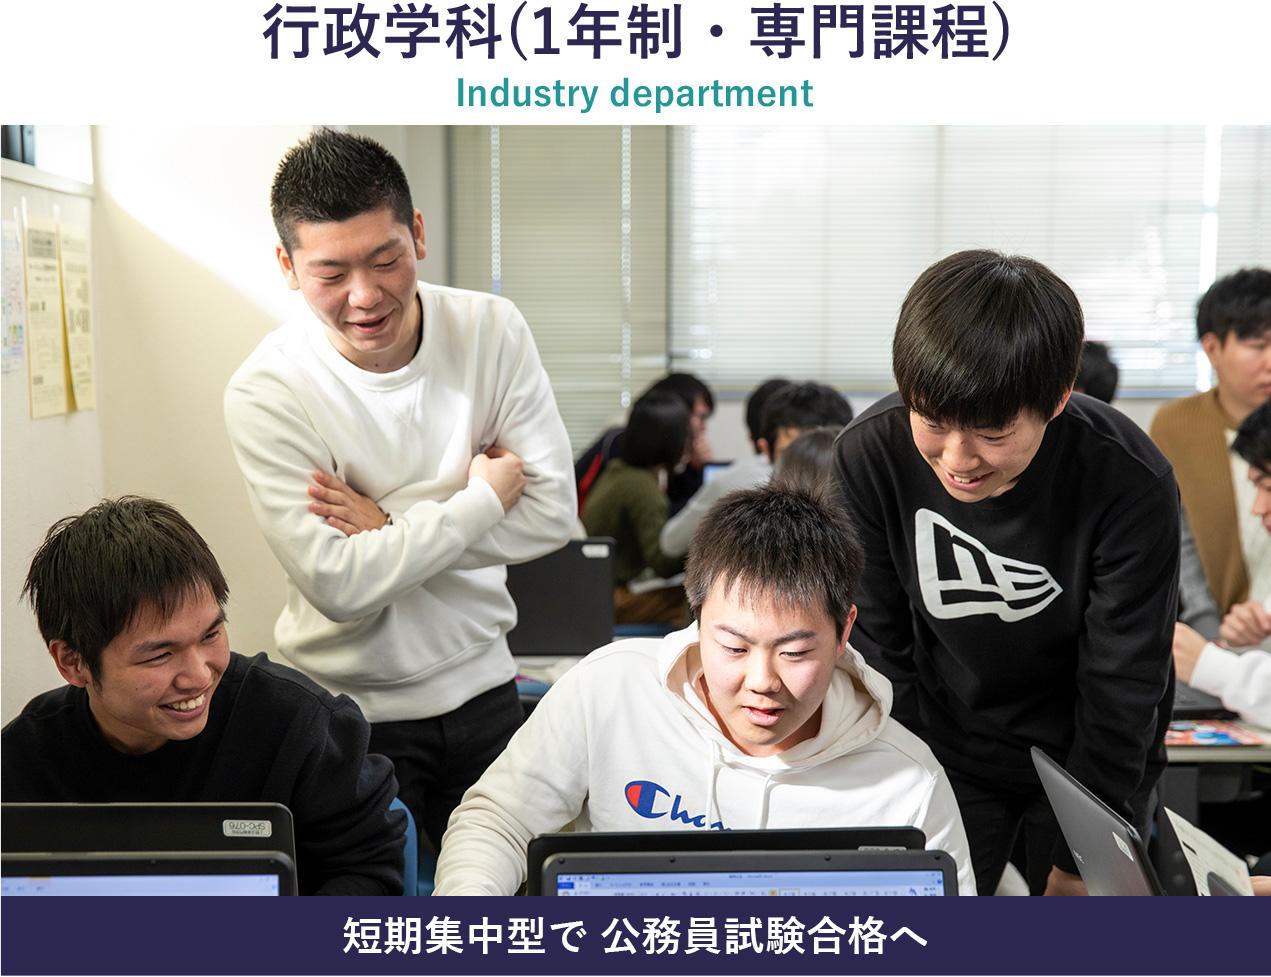 短期集中型で公務員試験合格へ 行政学科(1年制・専門課程)